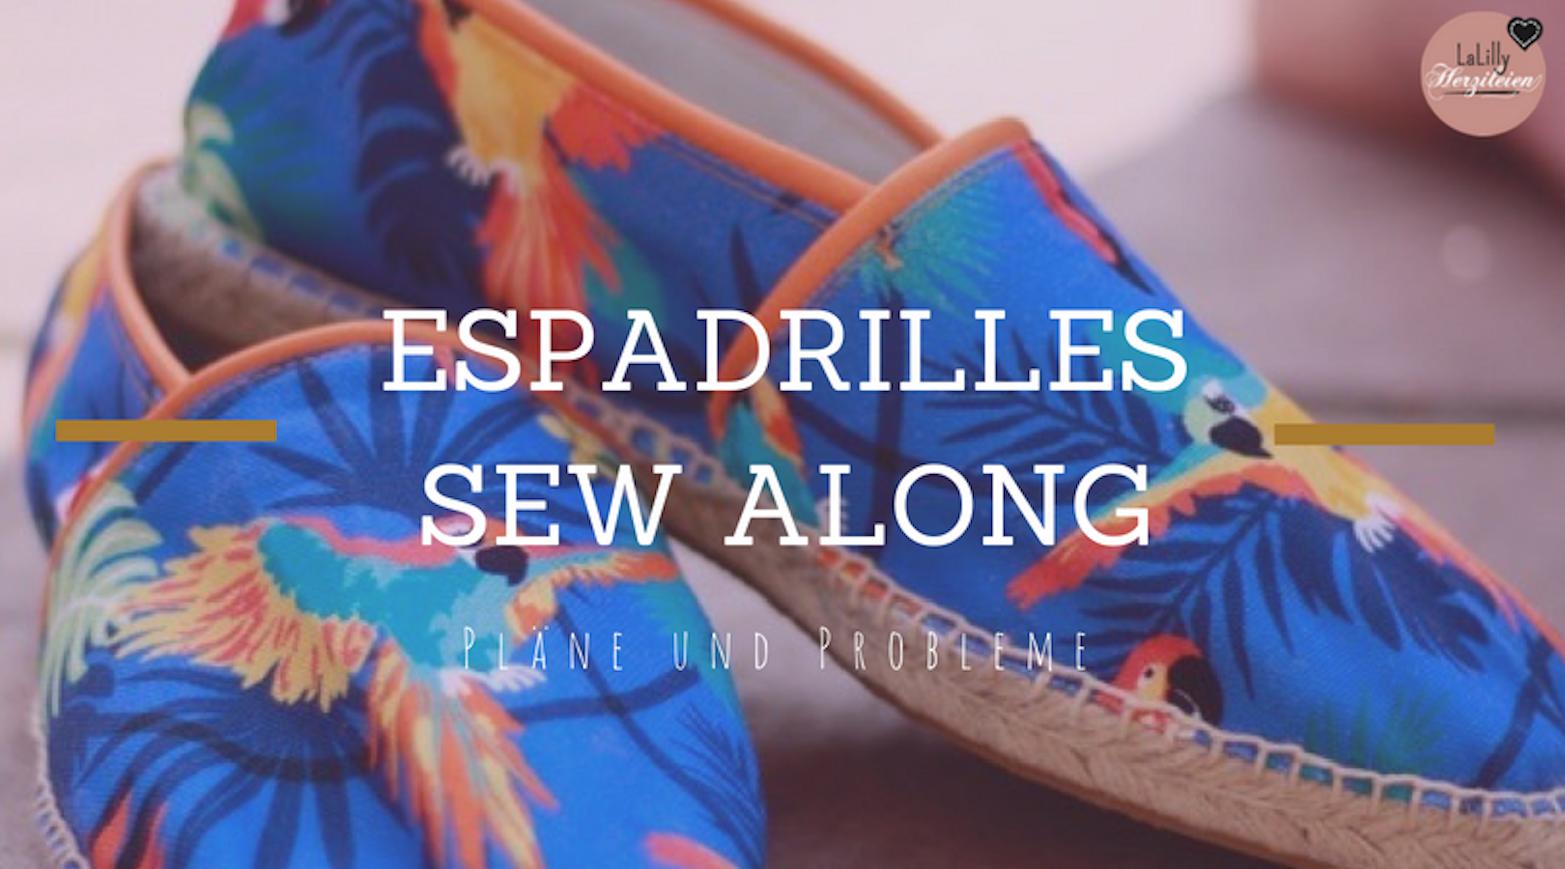 Espadrilles- Sew Along: Pläne und Probleme